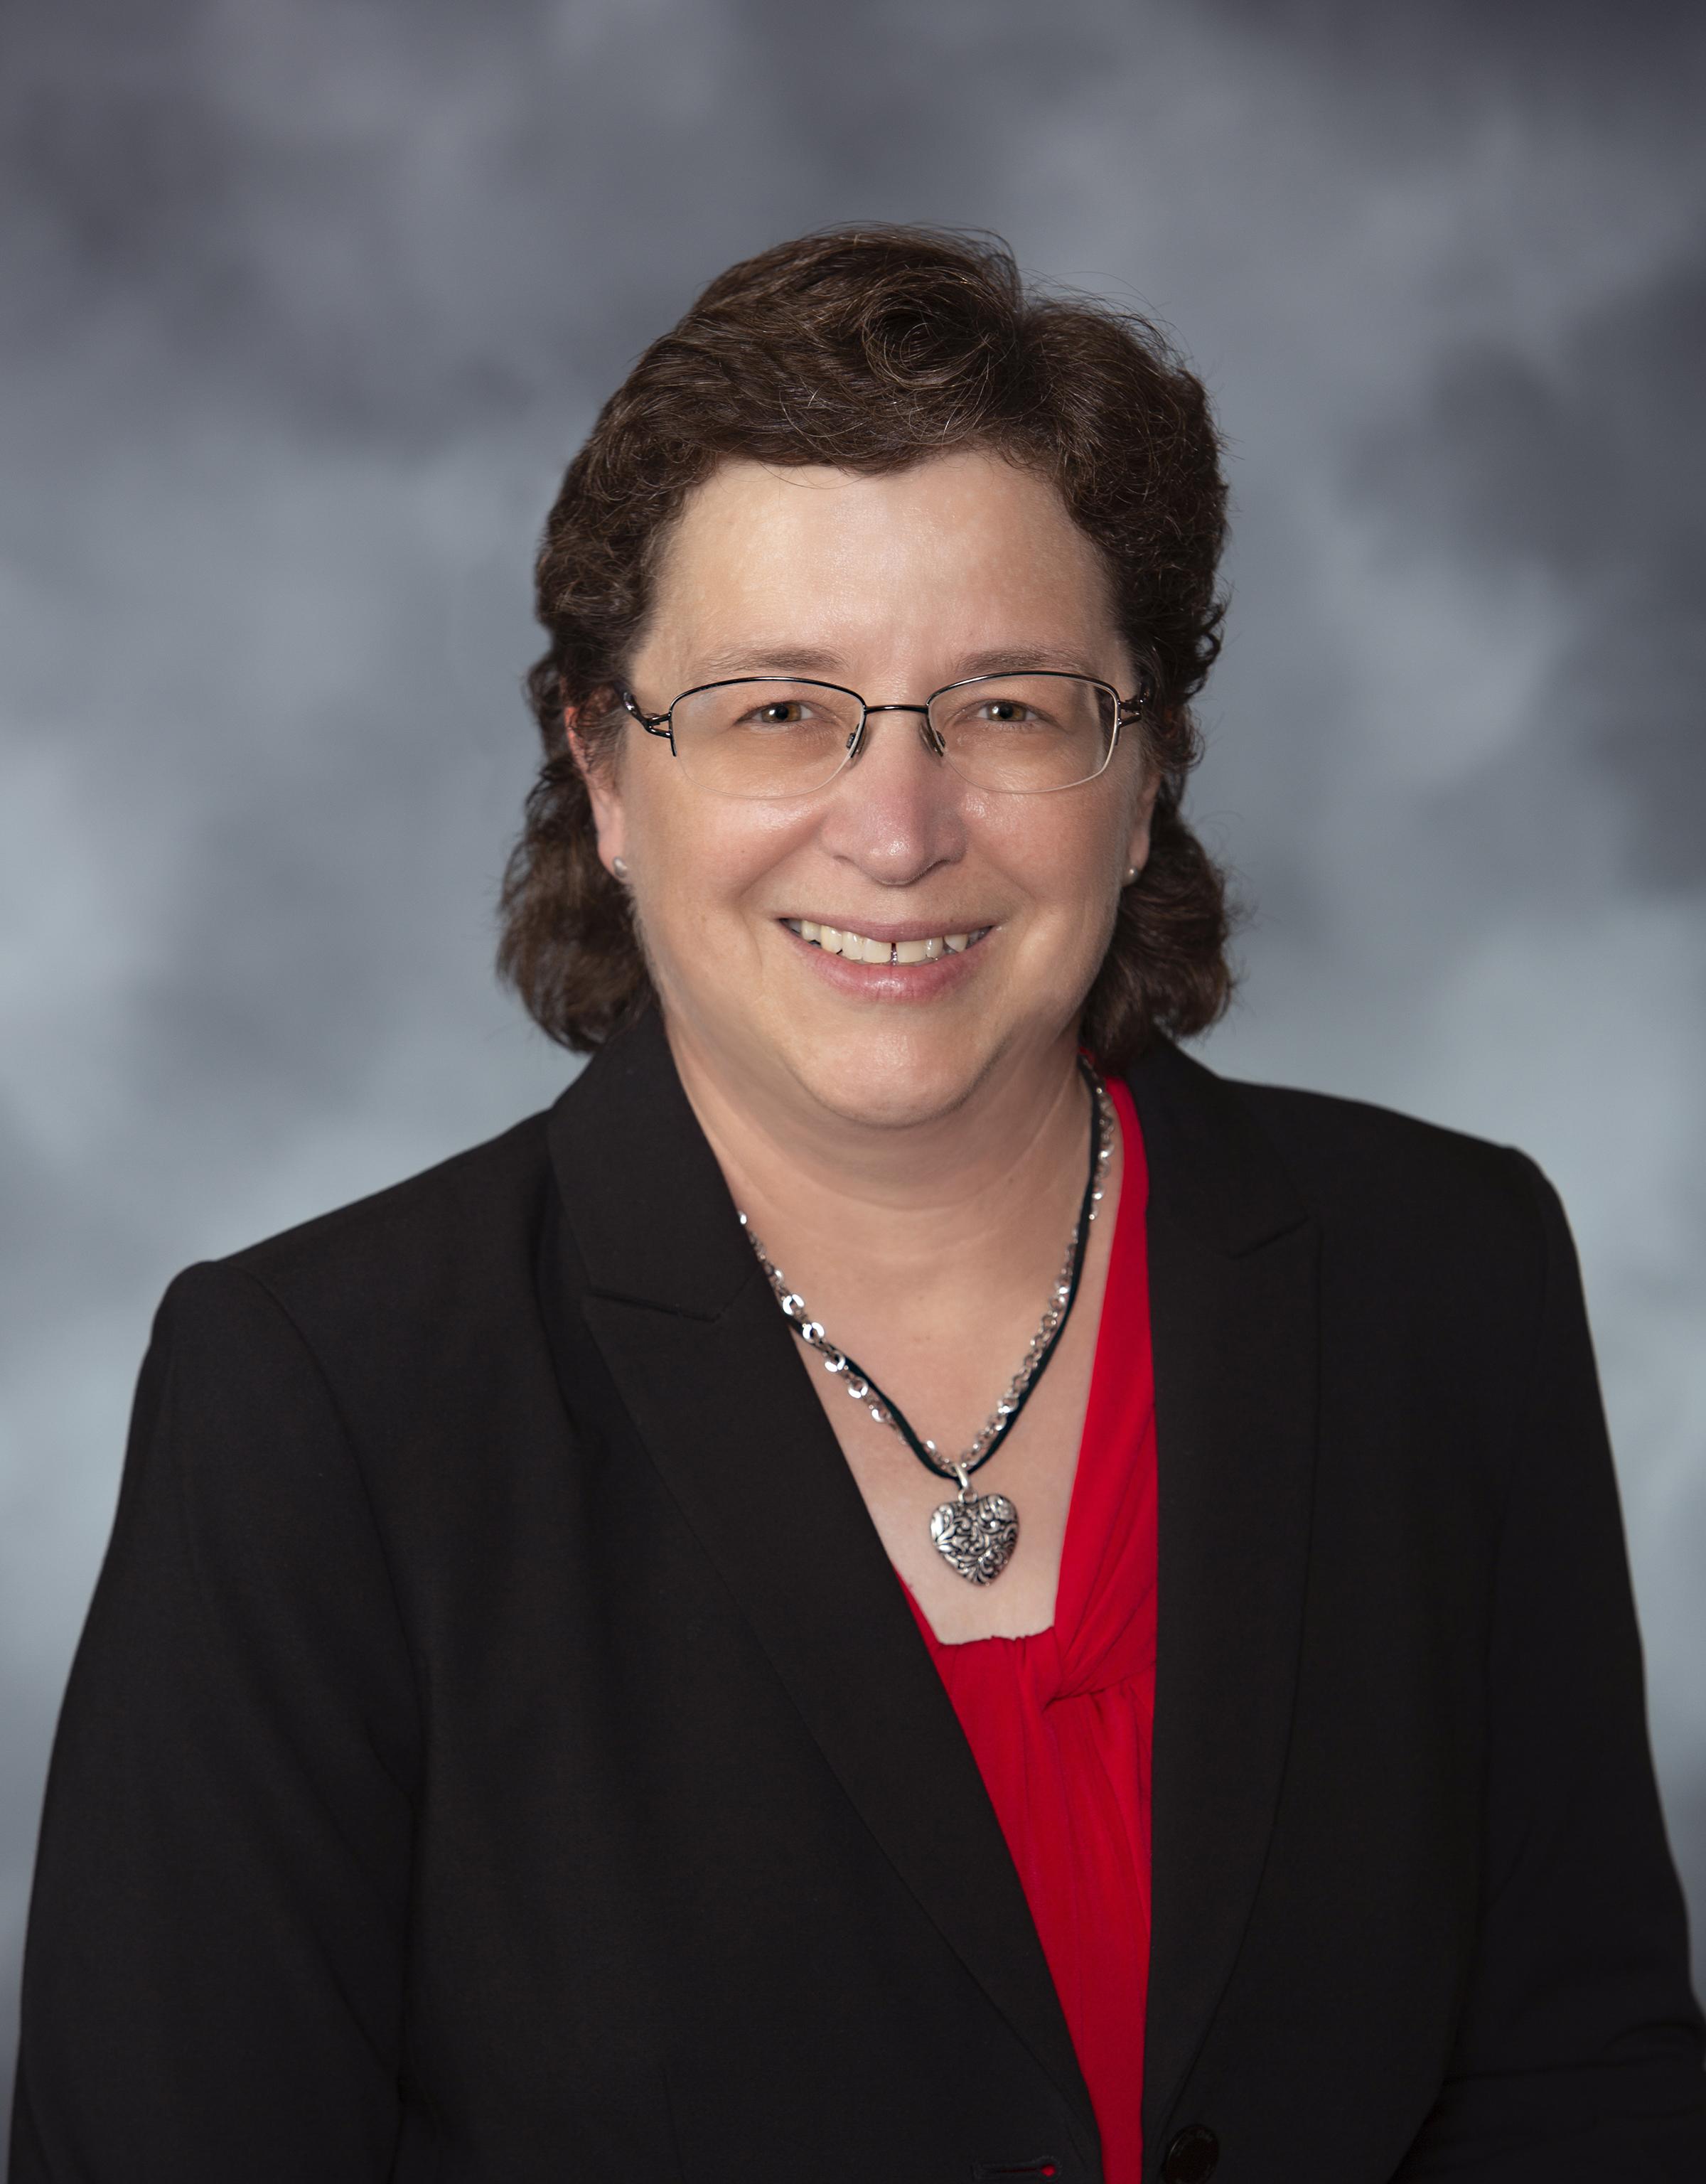 Sandra Schendt